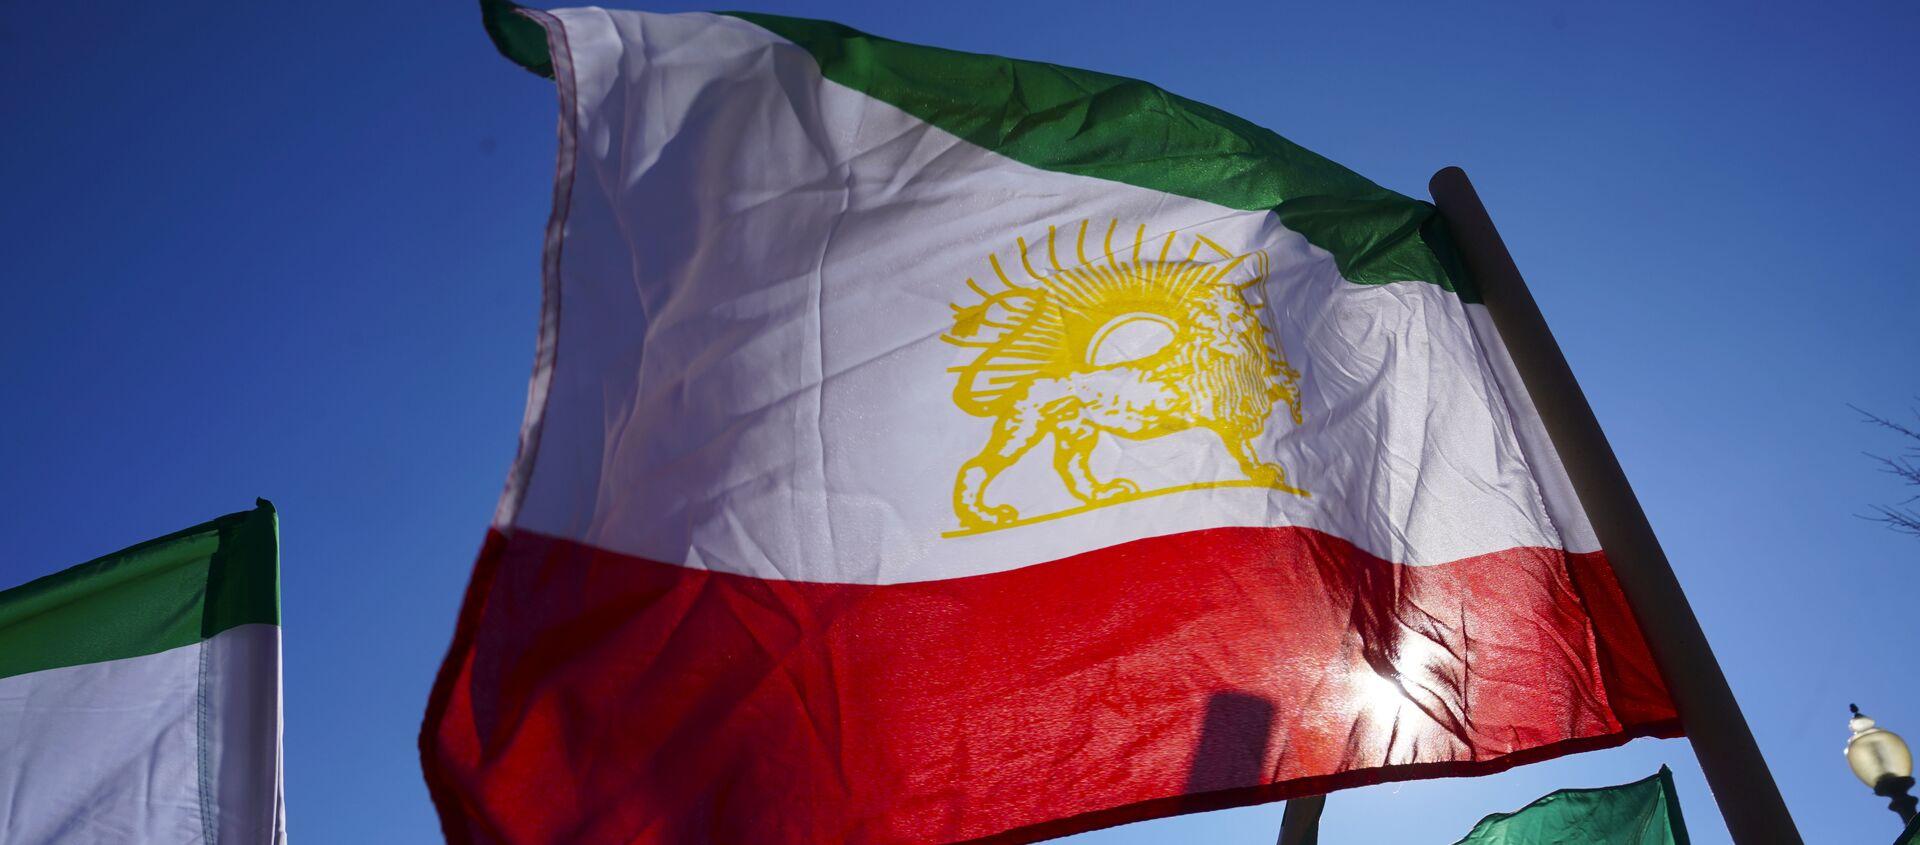 Флаги Ирана, фото из архива - Sputnik Абхазия, 1920, 12.08.2021